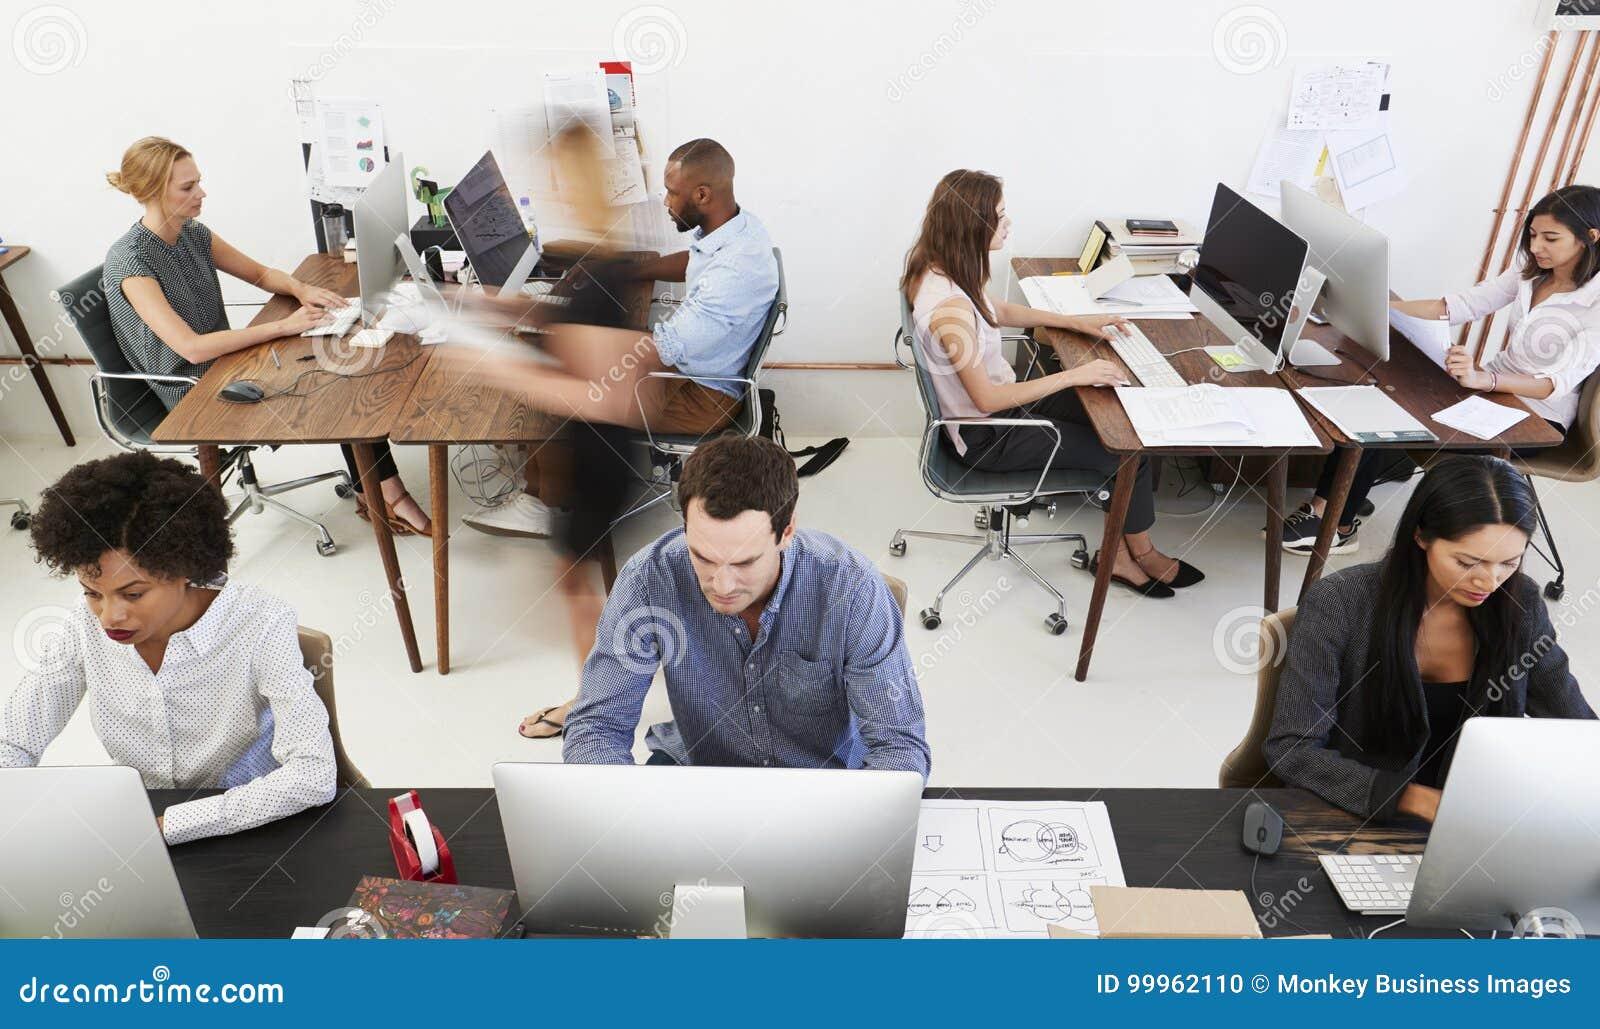 Collega s bij computers in een open planbureau, vooraanzicht